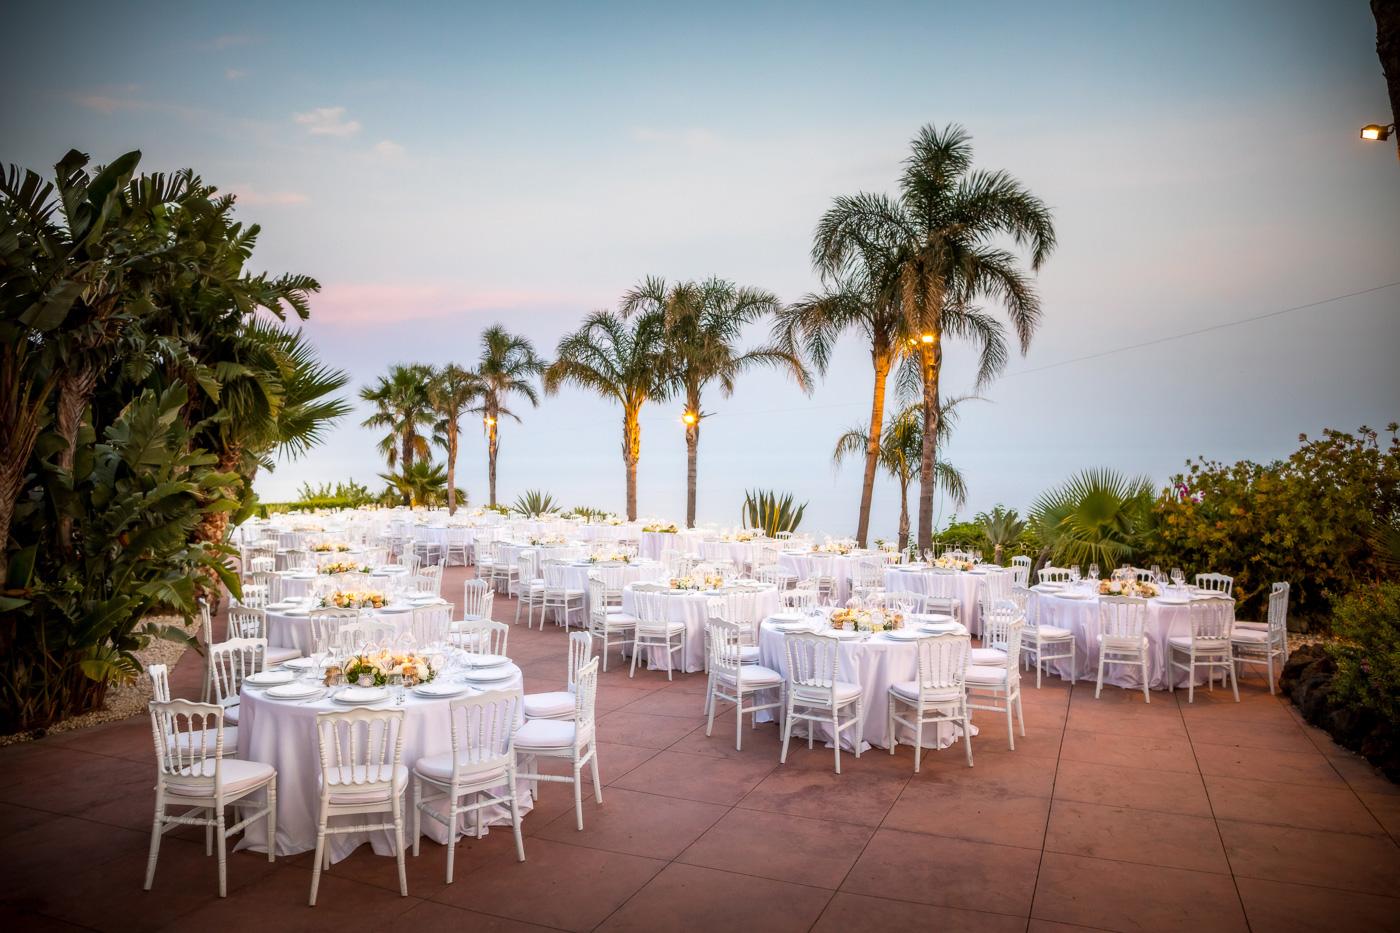 Casa delle terre Forti Matrimonio _acicastello_fotografo-chiesa-san giuliano-catania-sala-tavoli-banchetto-villa-tramonto